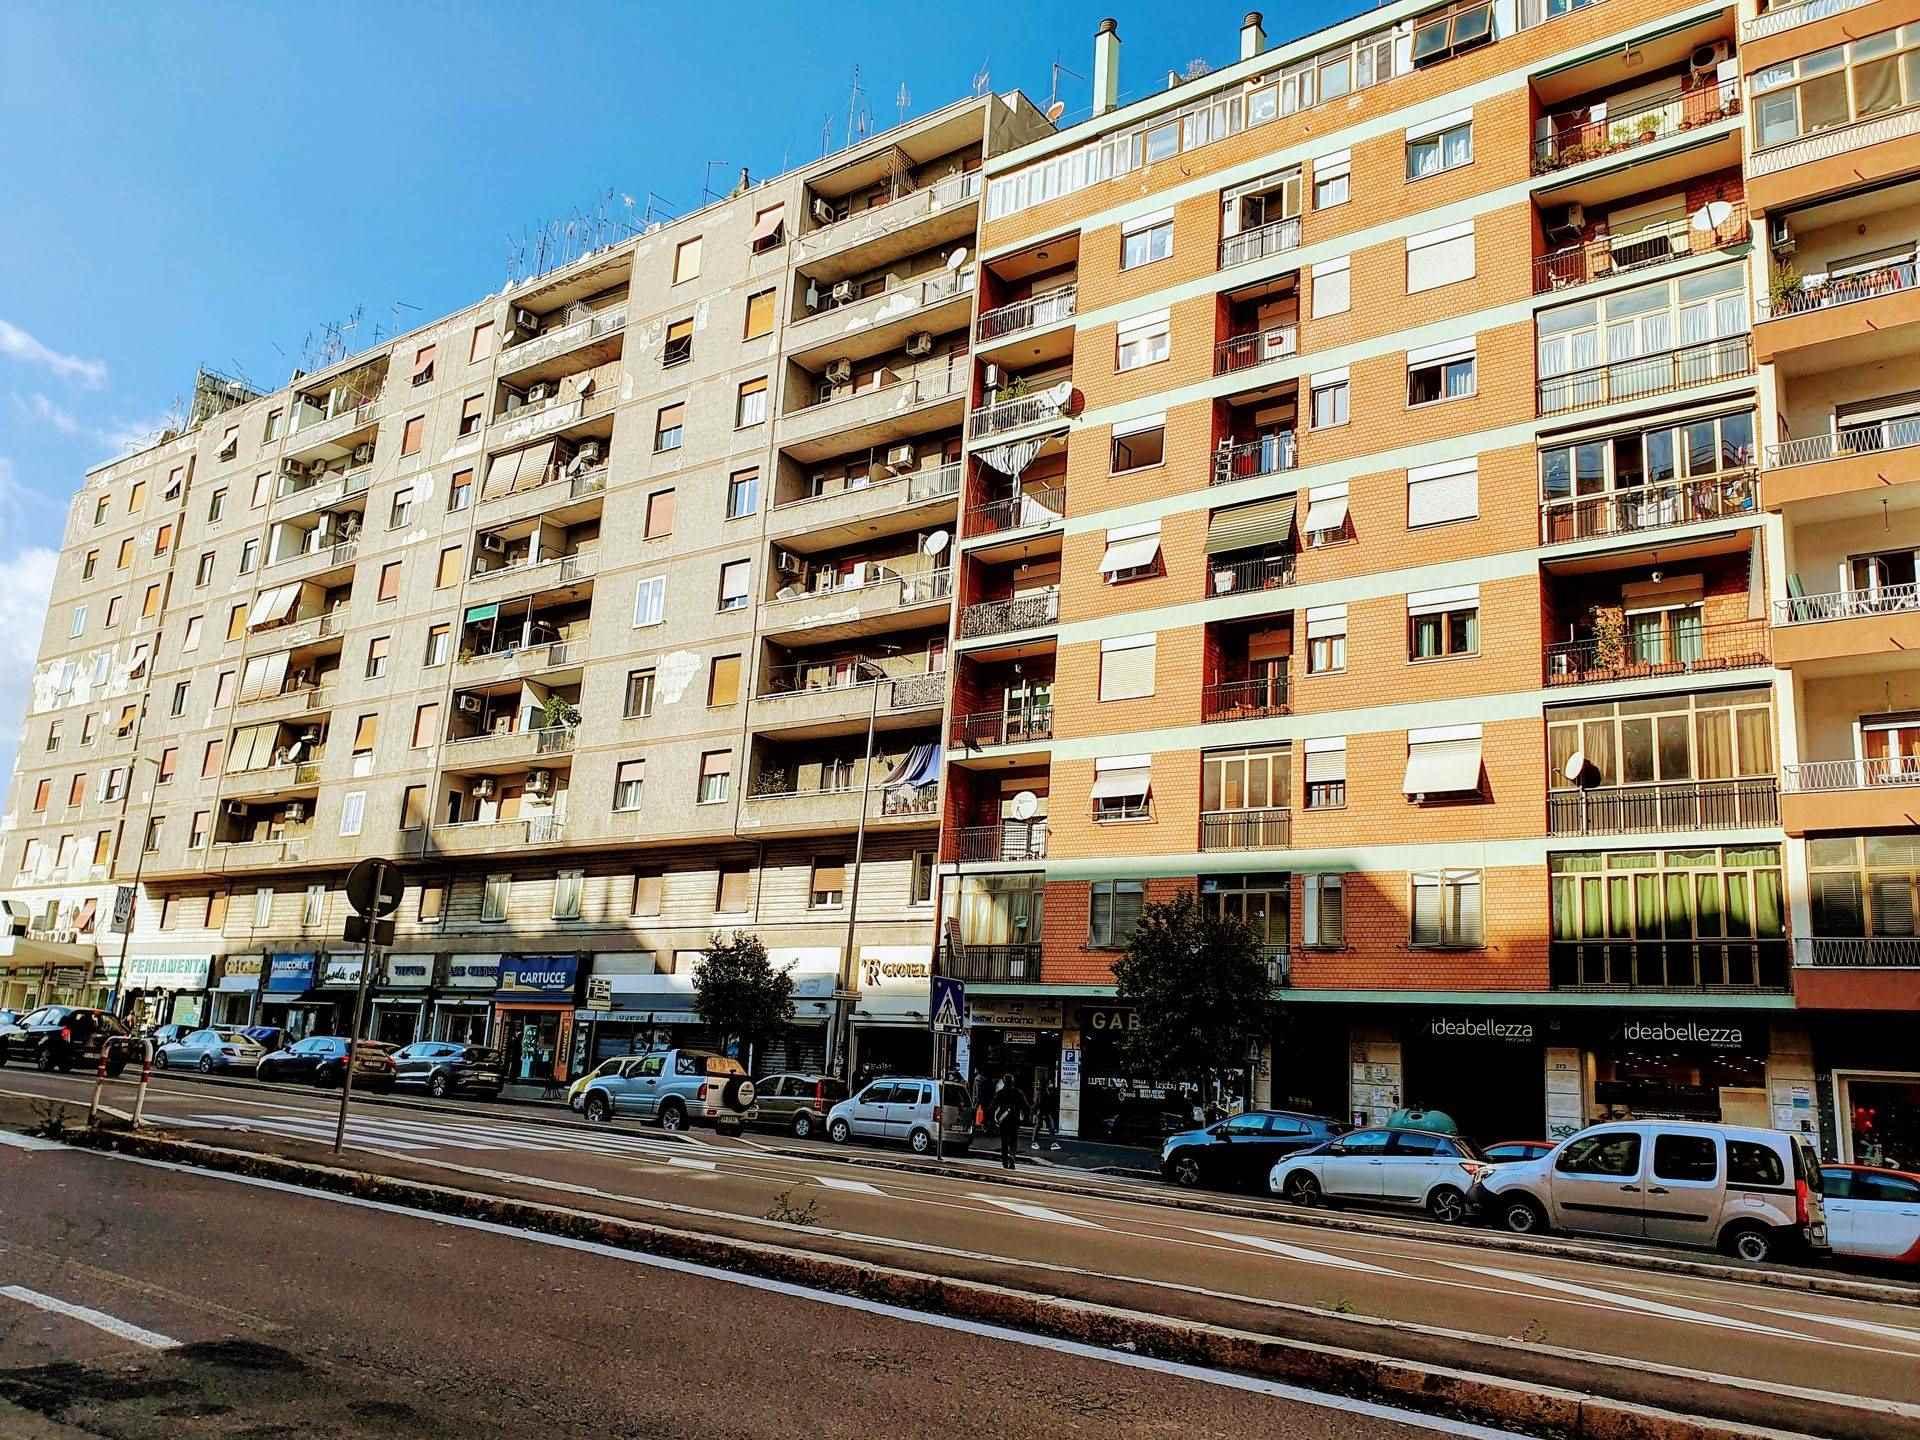 Appartamento in vendita a Roma, 2 locali, zona Zona: 25 . Trastevere - Testaccio, prezzo € 235.000 | CambioCasa.it